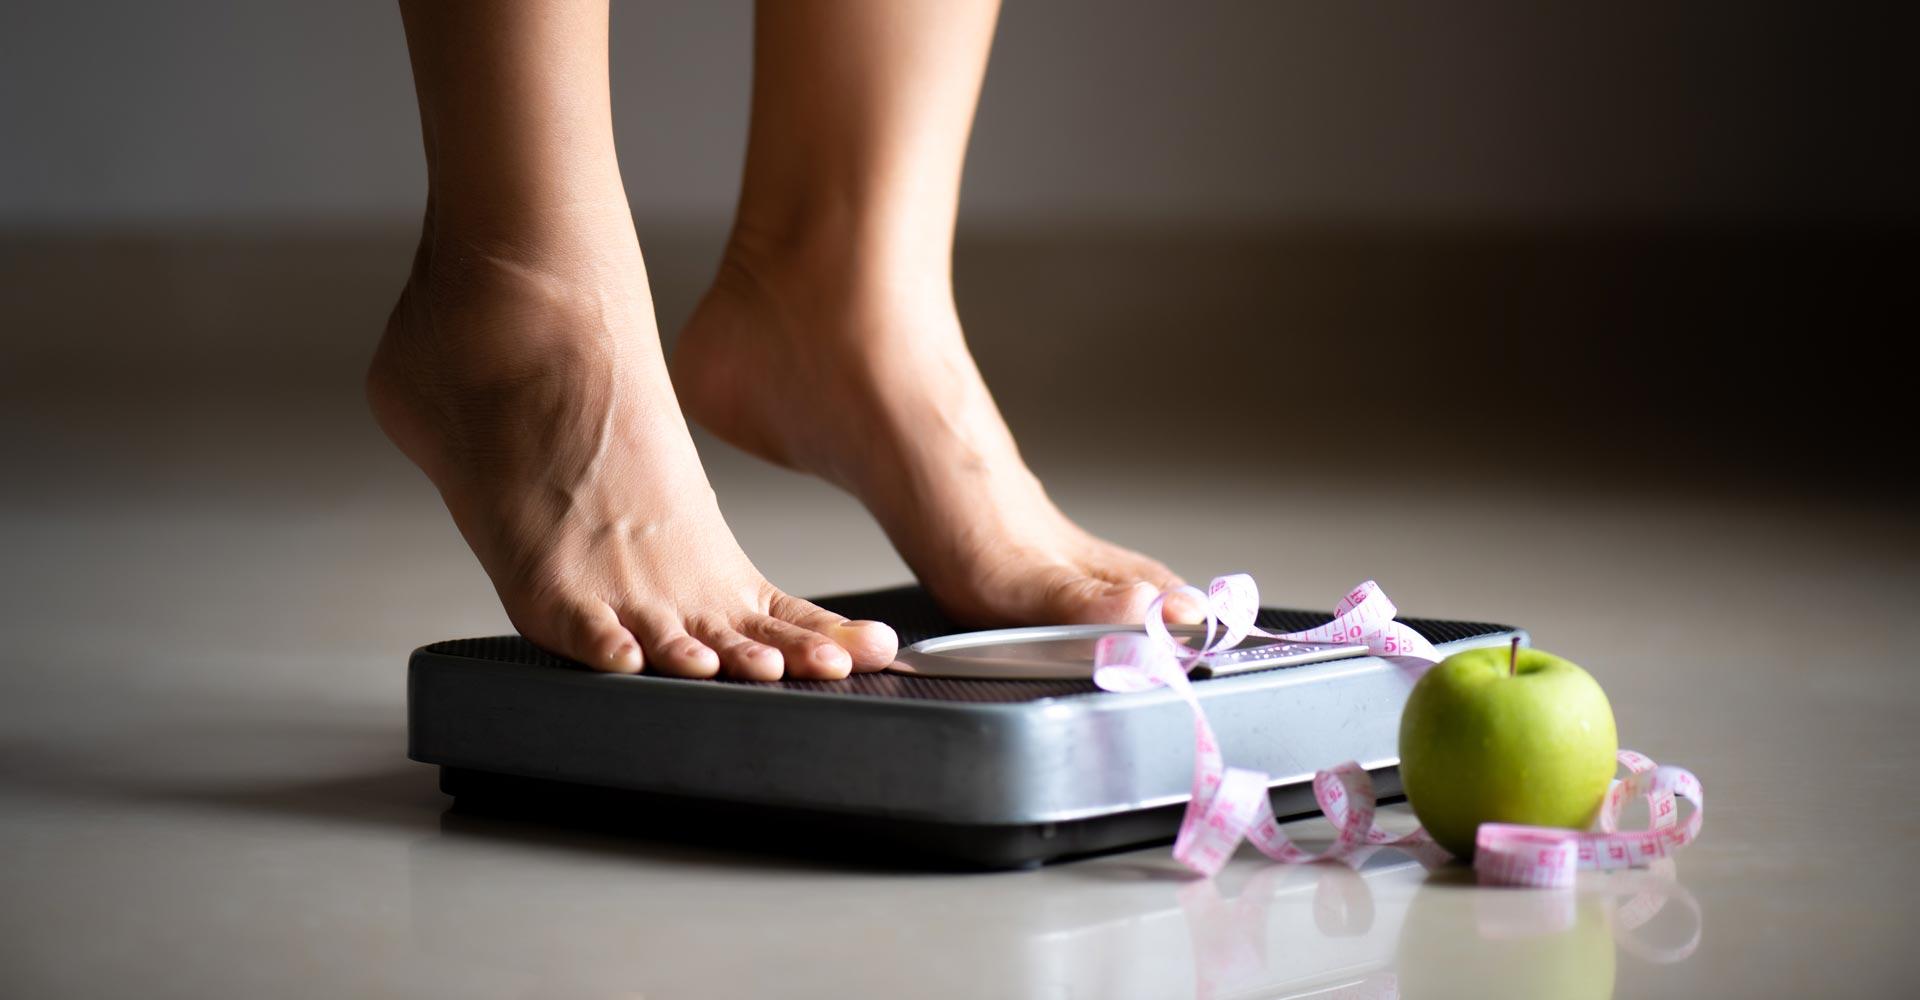 Nie mogę schudnąć - 10 powodów przez, które nie chudniesz